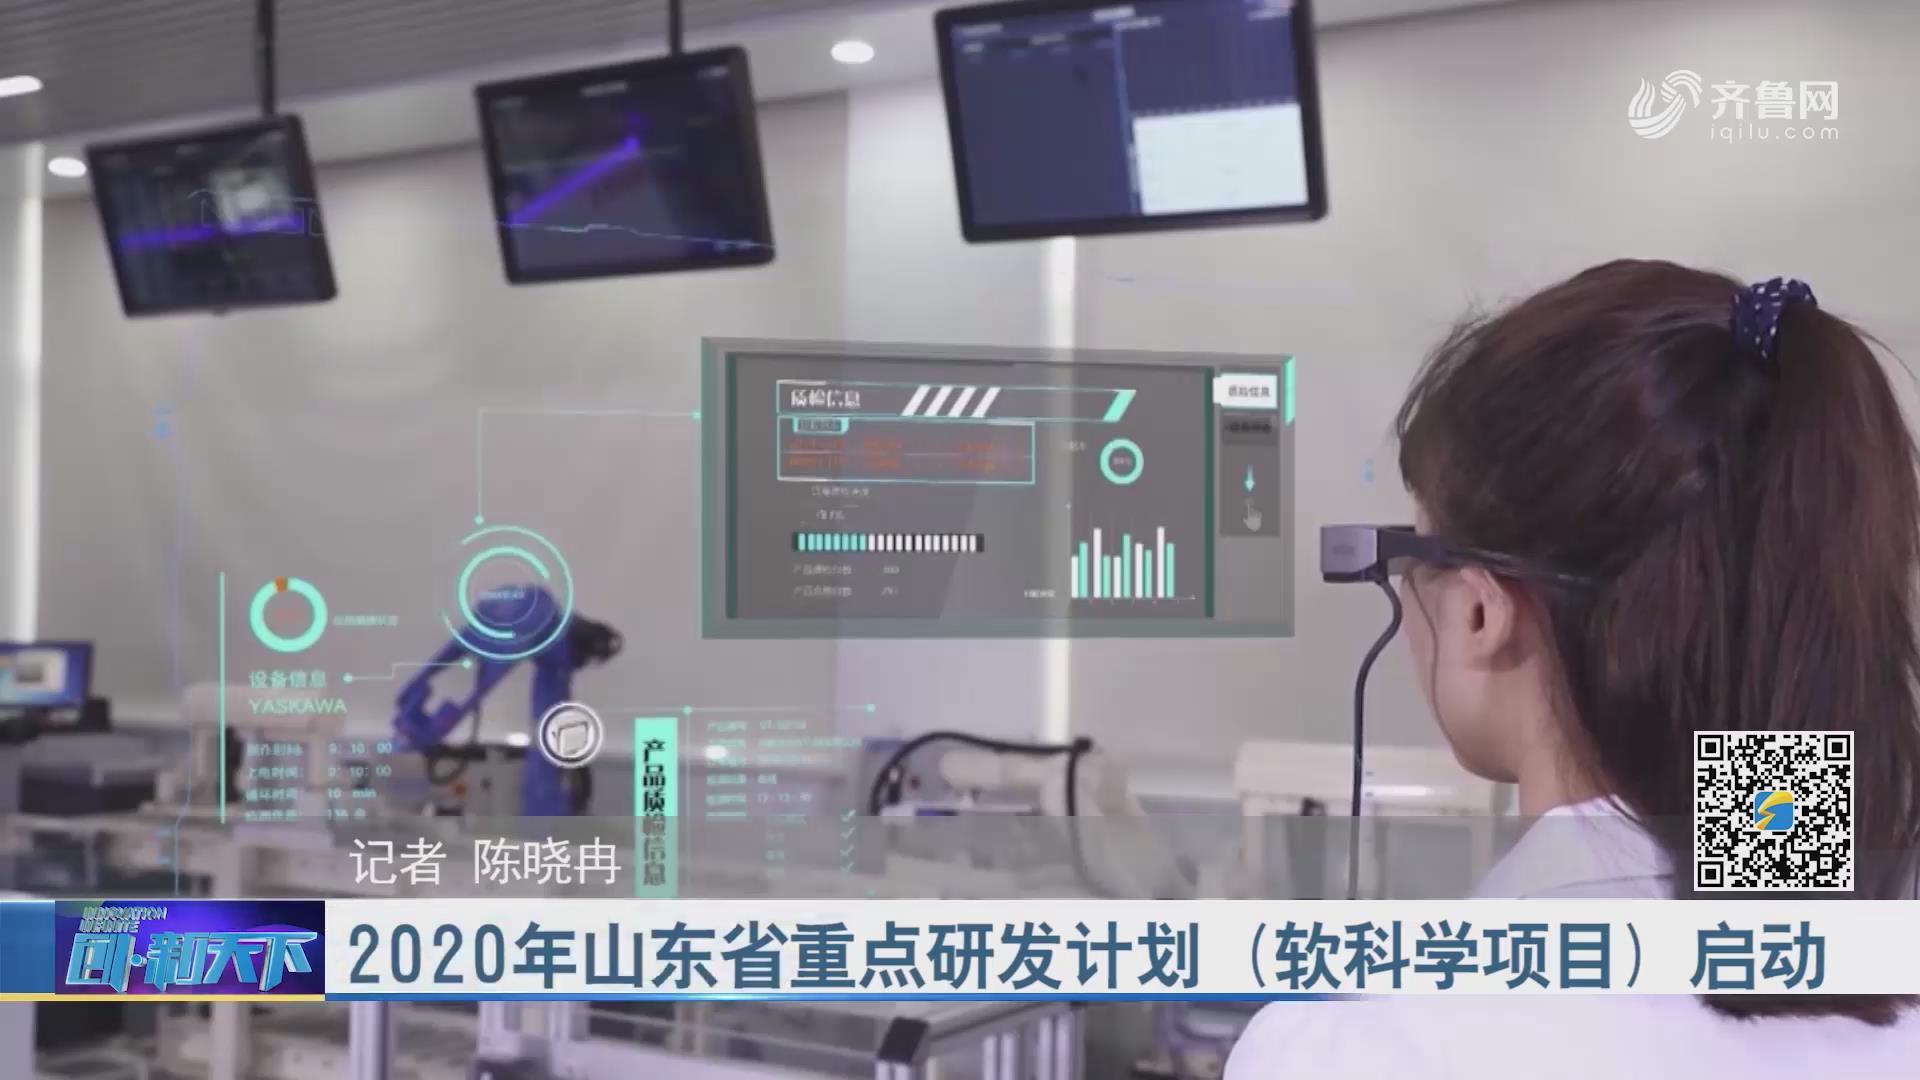 2020年山东省重点研发计划(软科学项目)启动